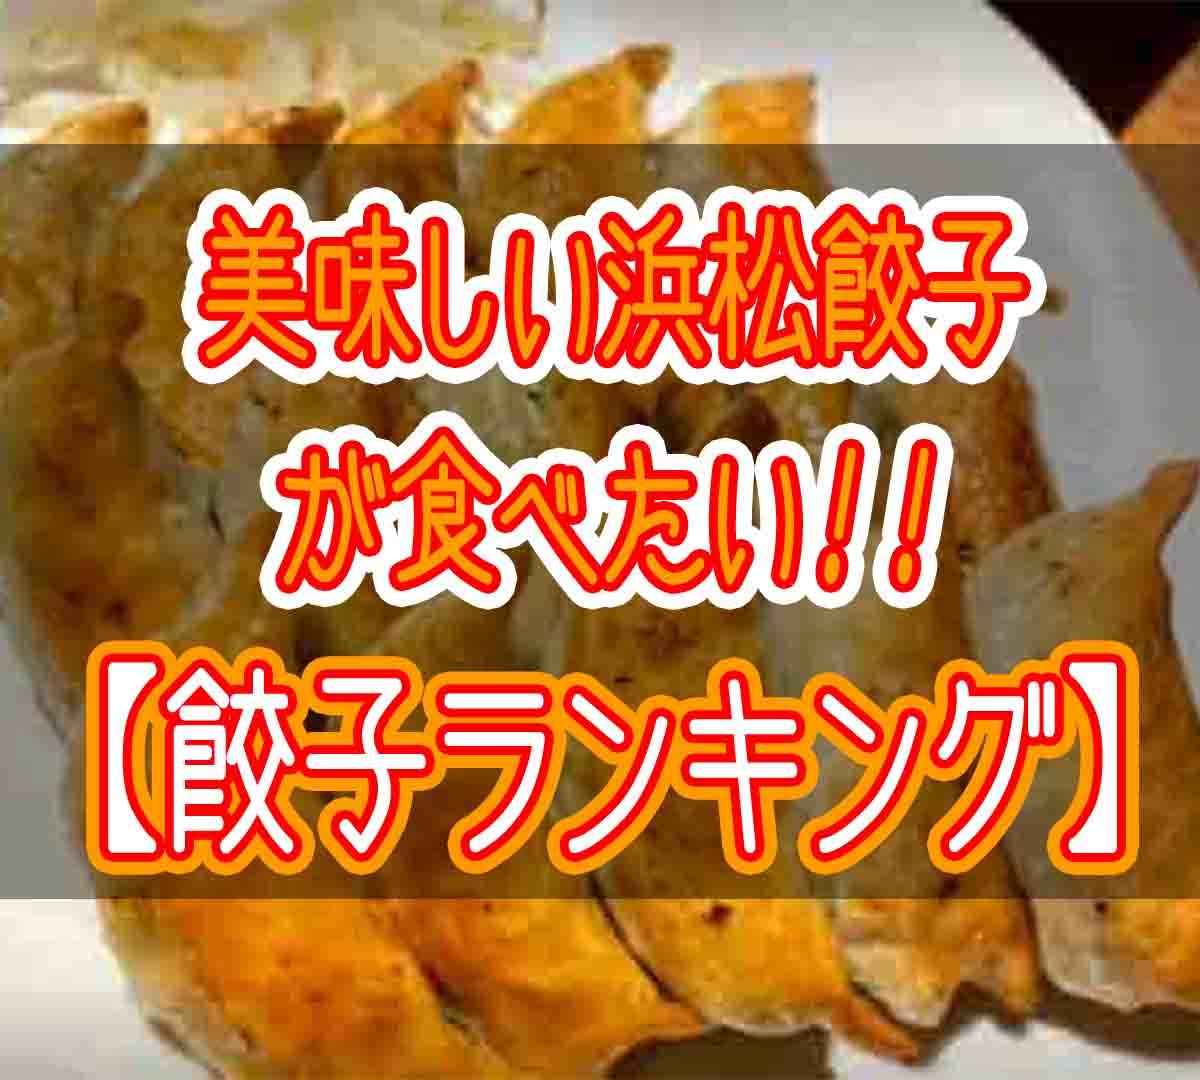 浜松餃子とは?ランキングで教える美味しい浜松餃子11店舗